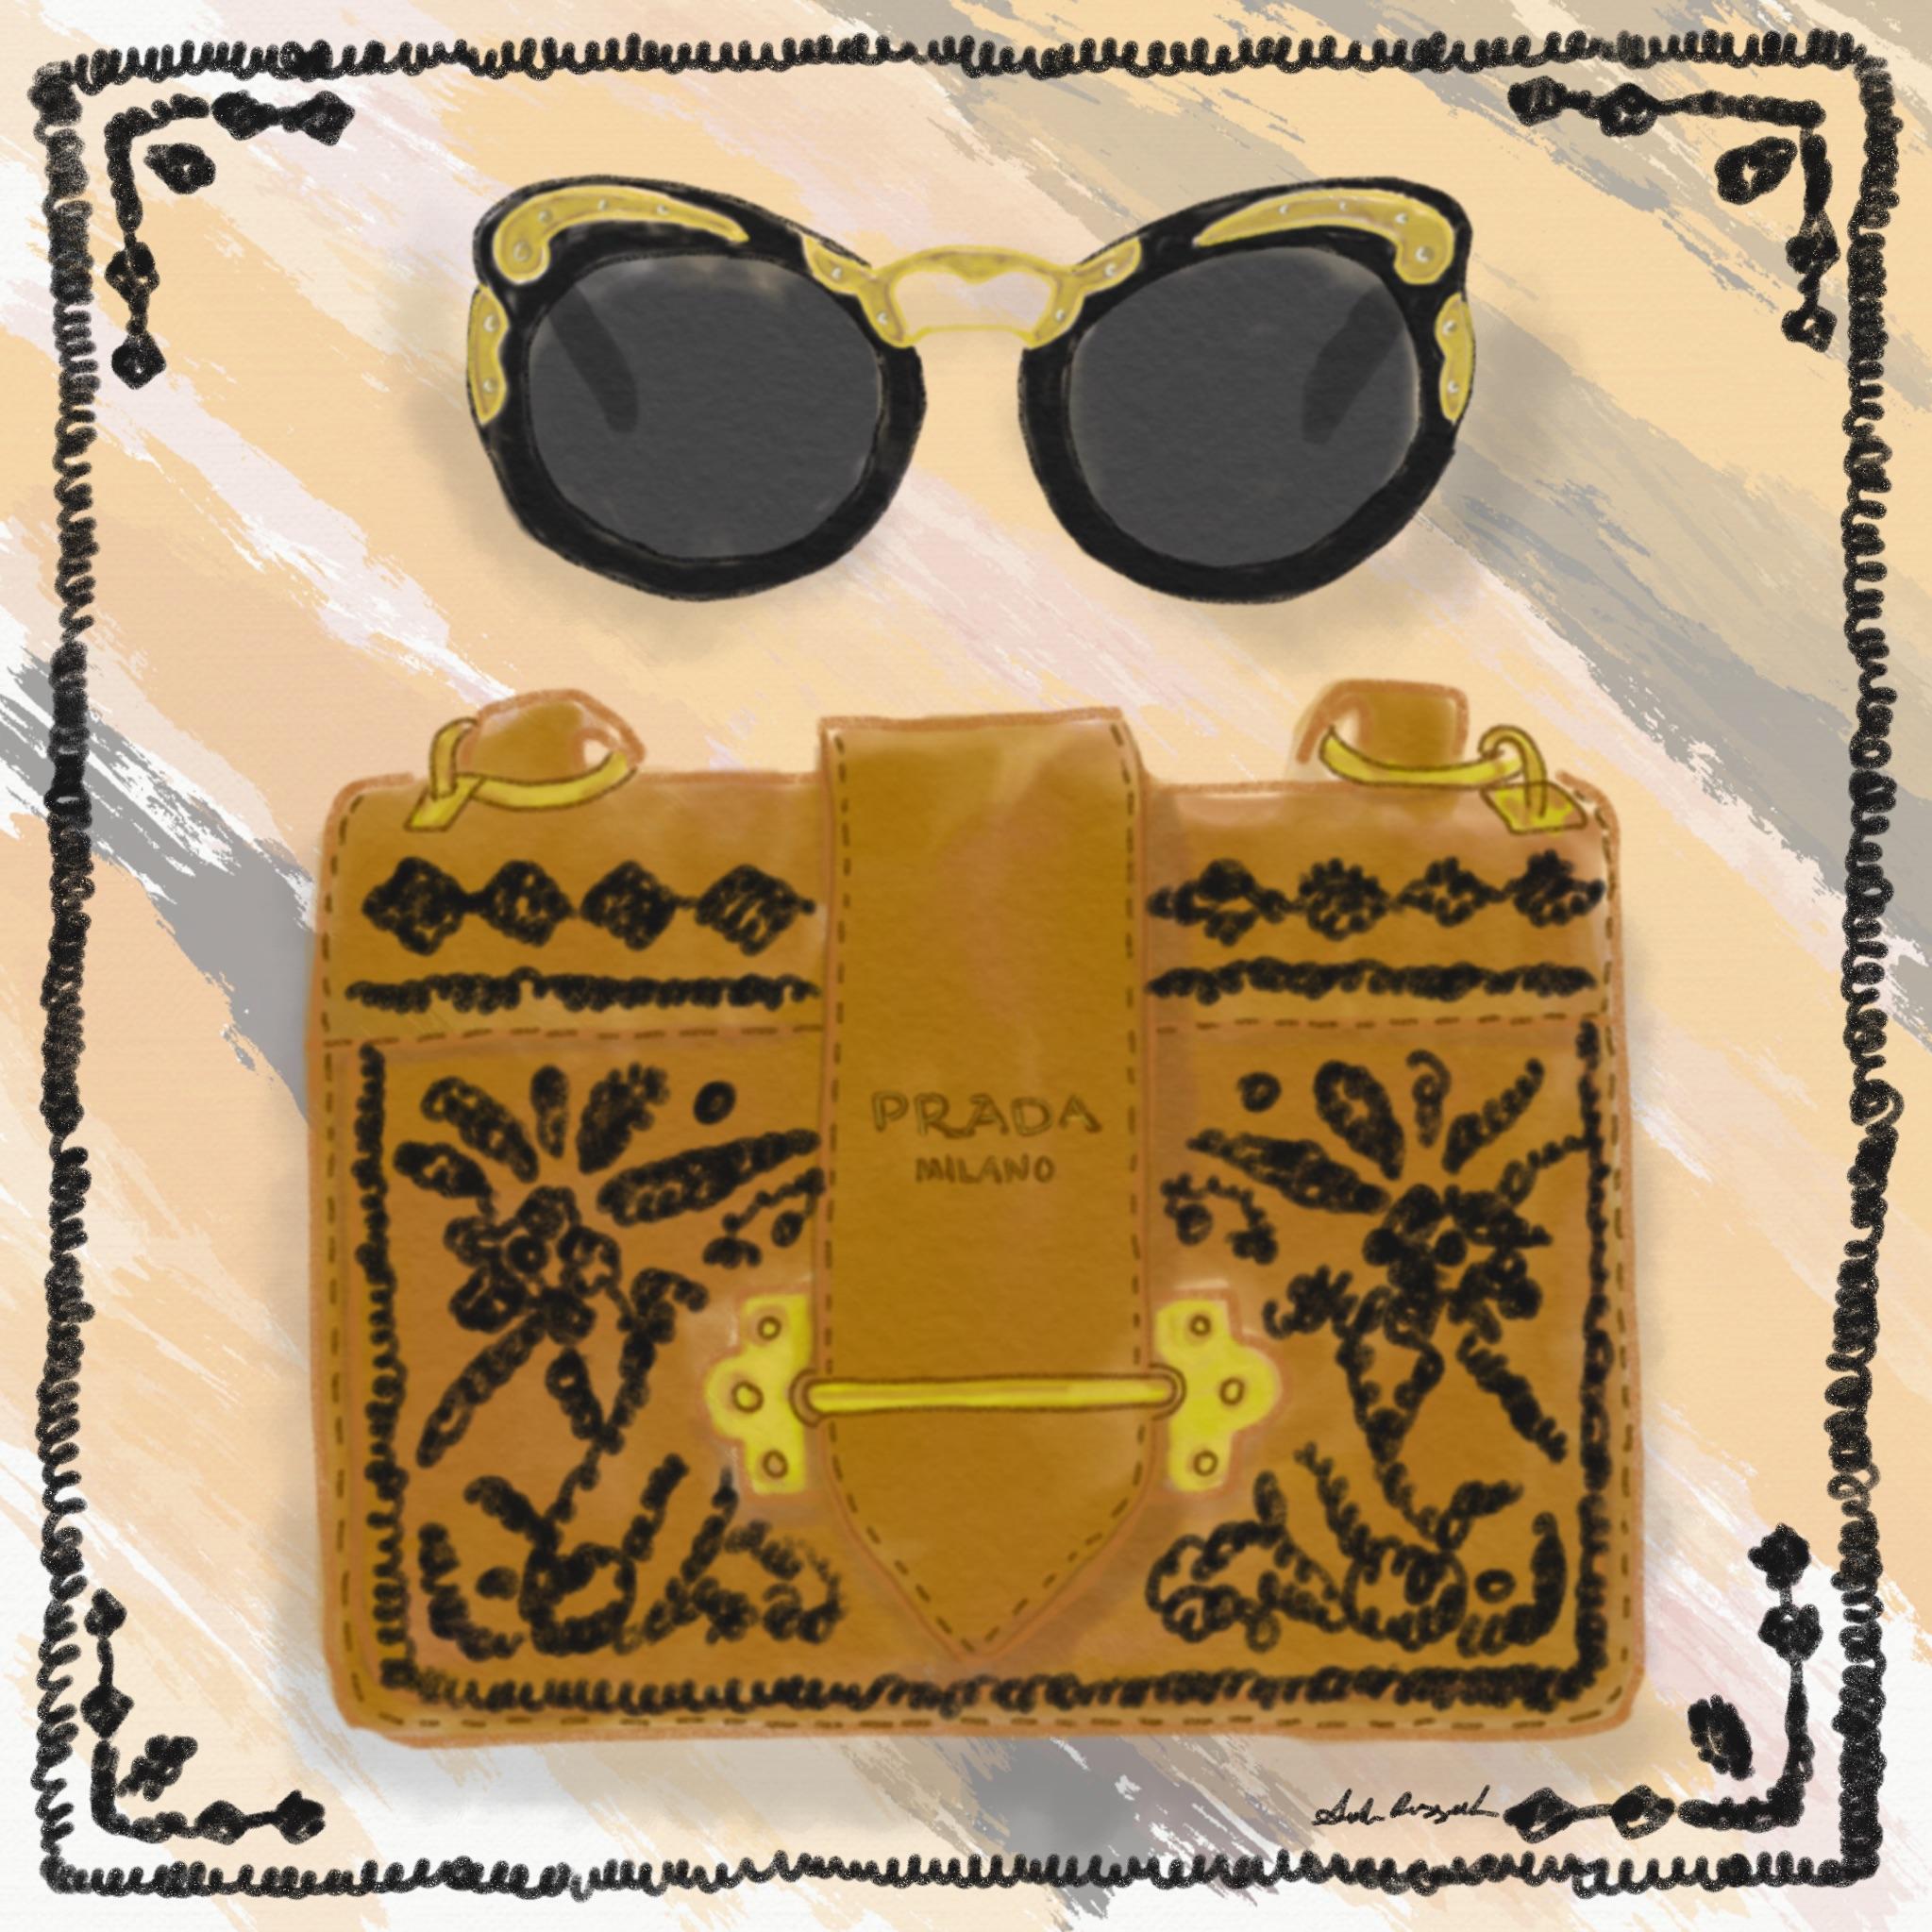 Prada handbag and sunglasses 2017